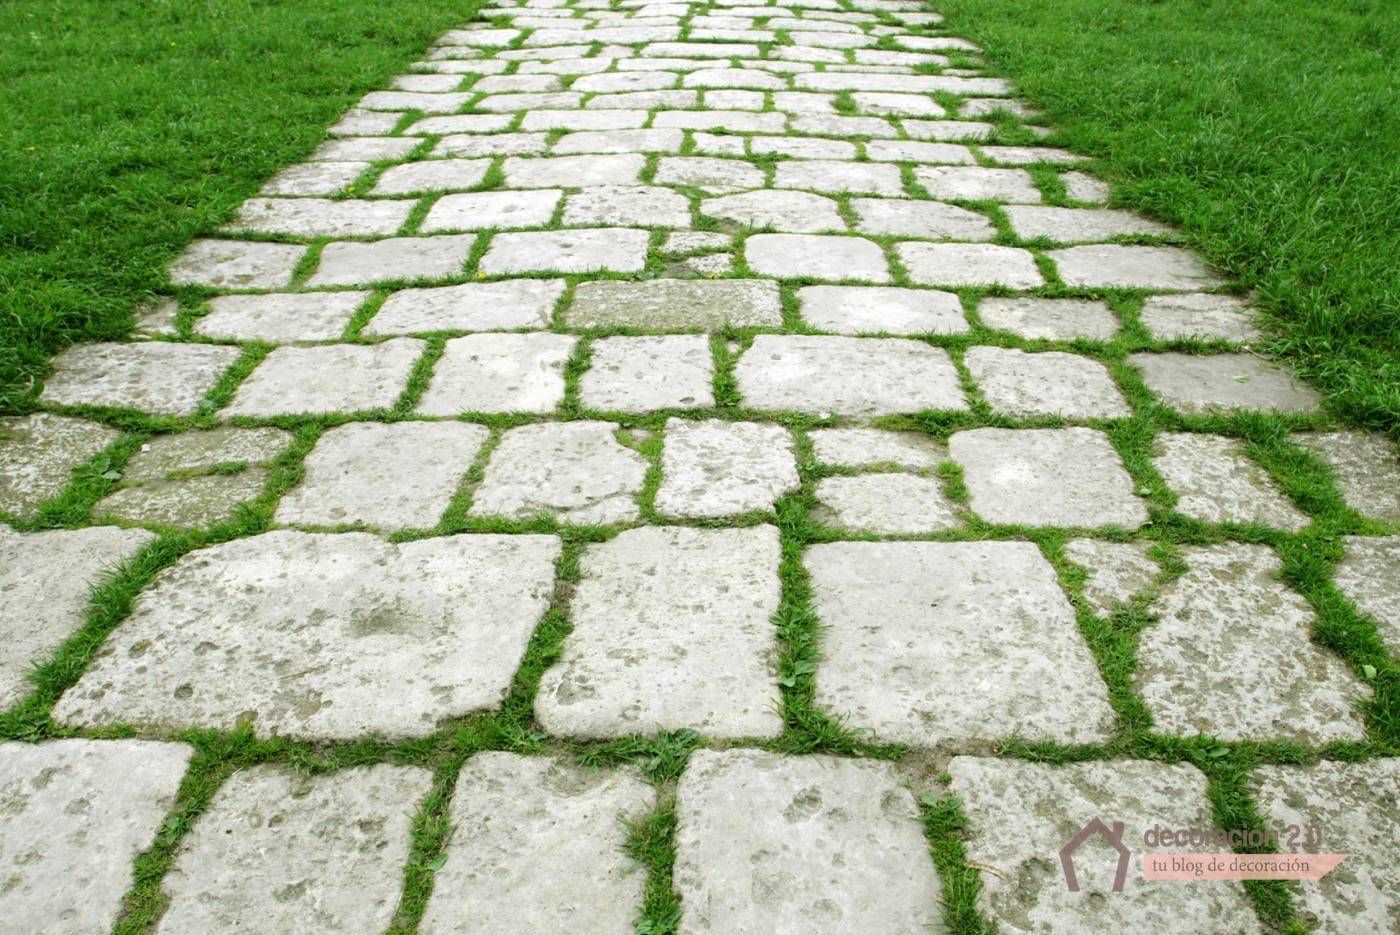 C mo hacer suelo de piedra irregular ideas pinterest Cesped con piedras